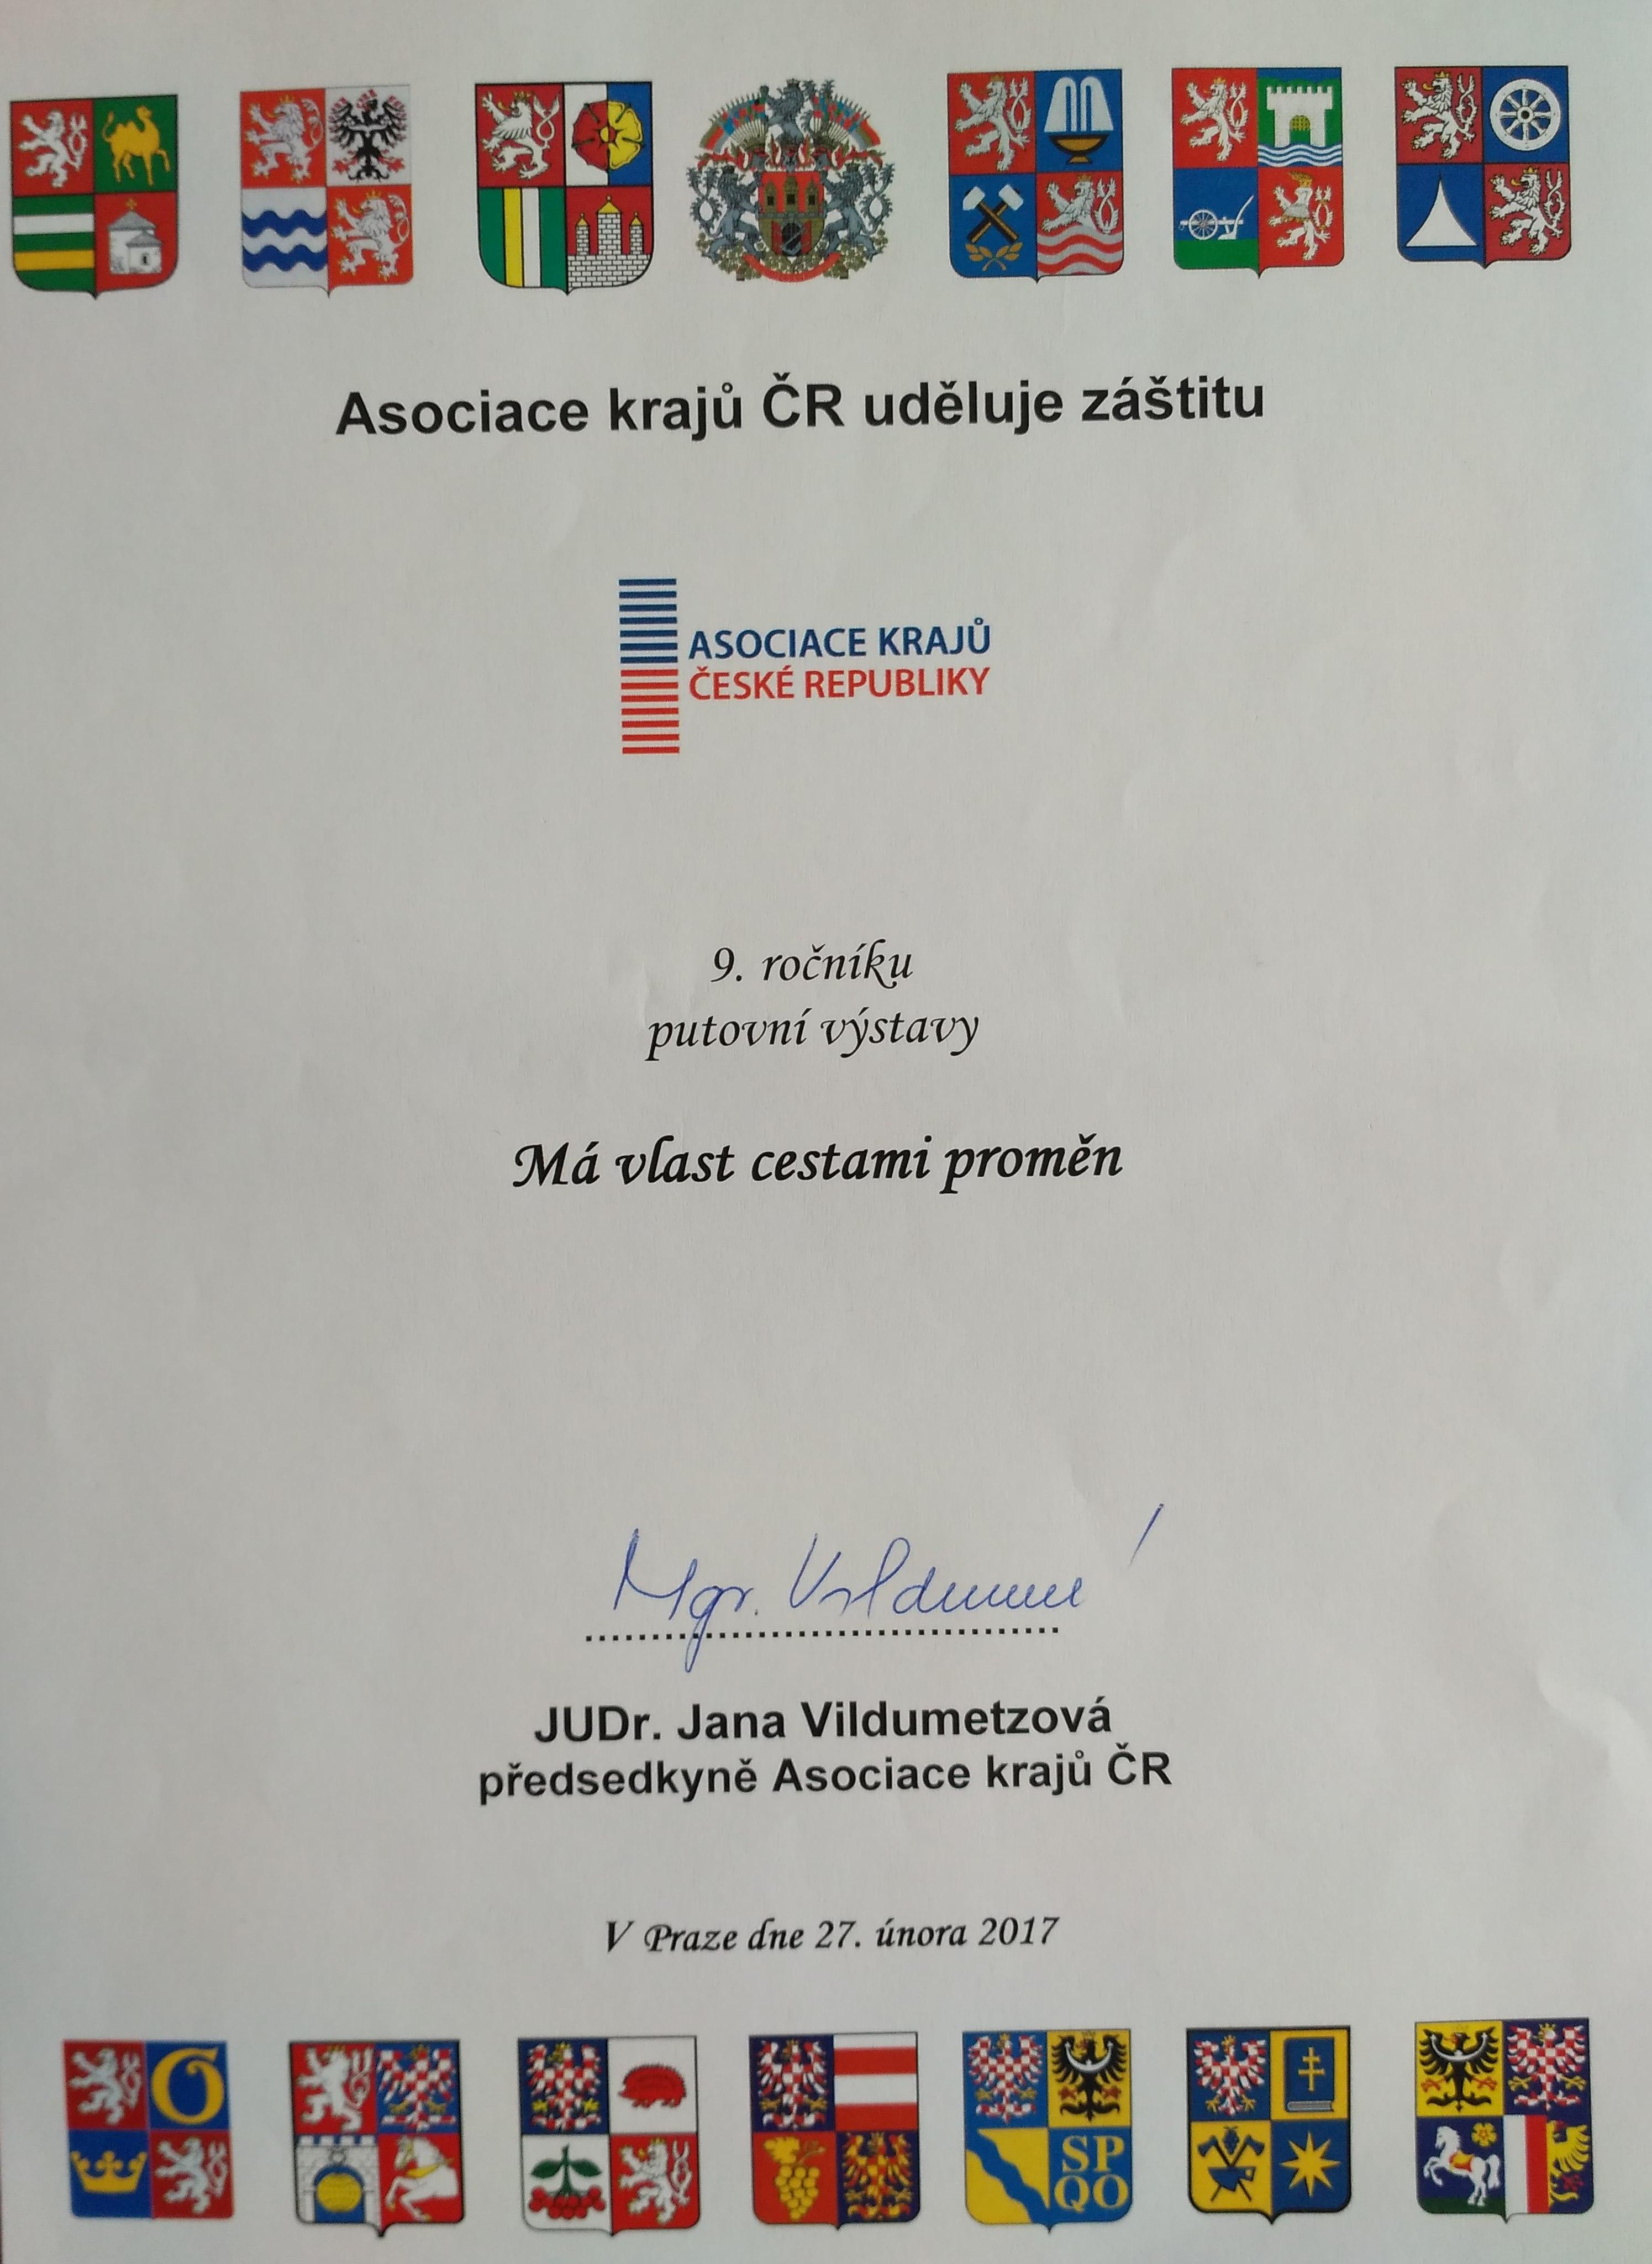 2017 AK záštita Má vlast cestami proměn